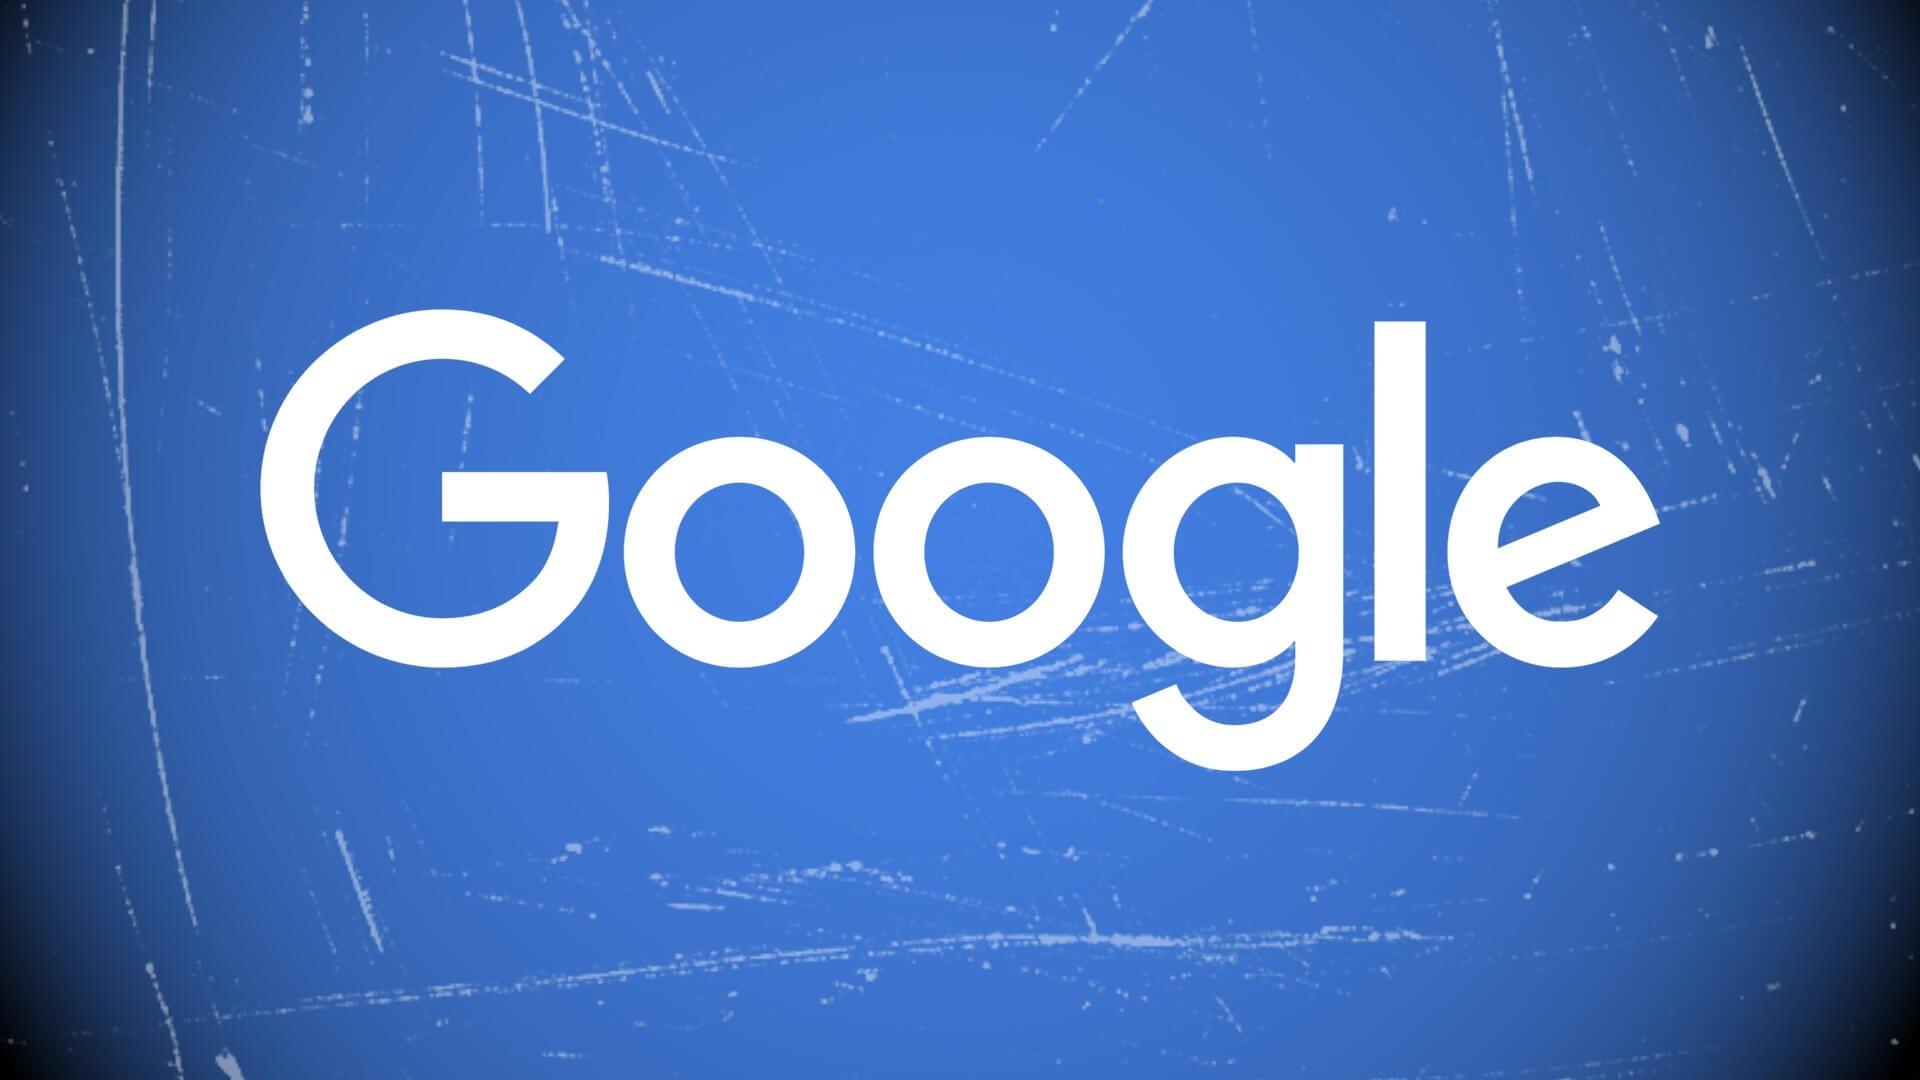 google pesquisa marca logo